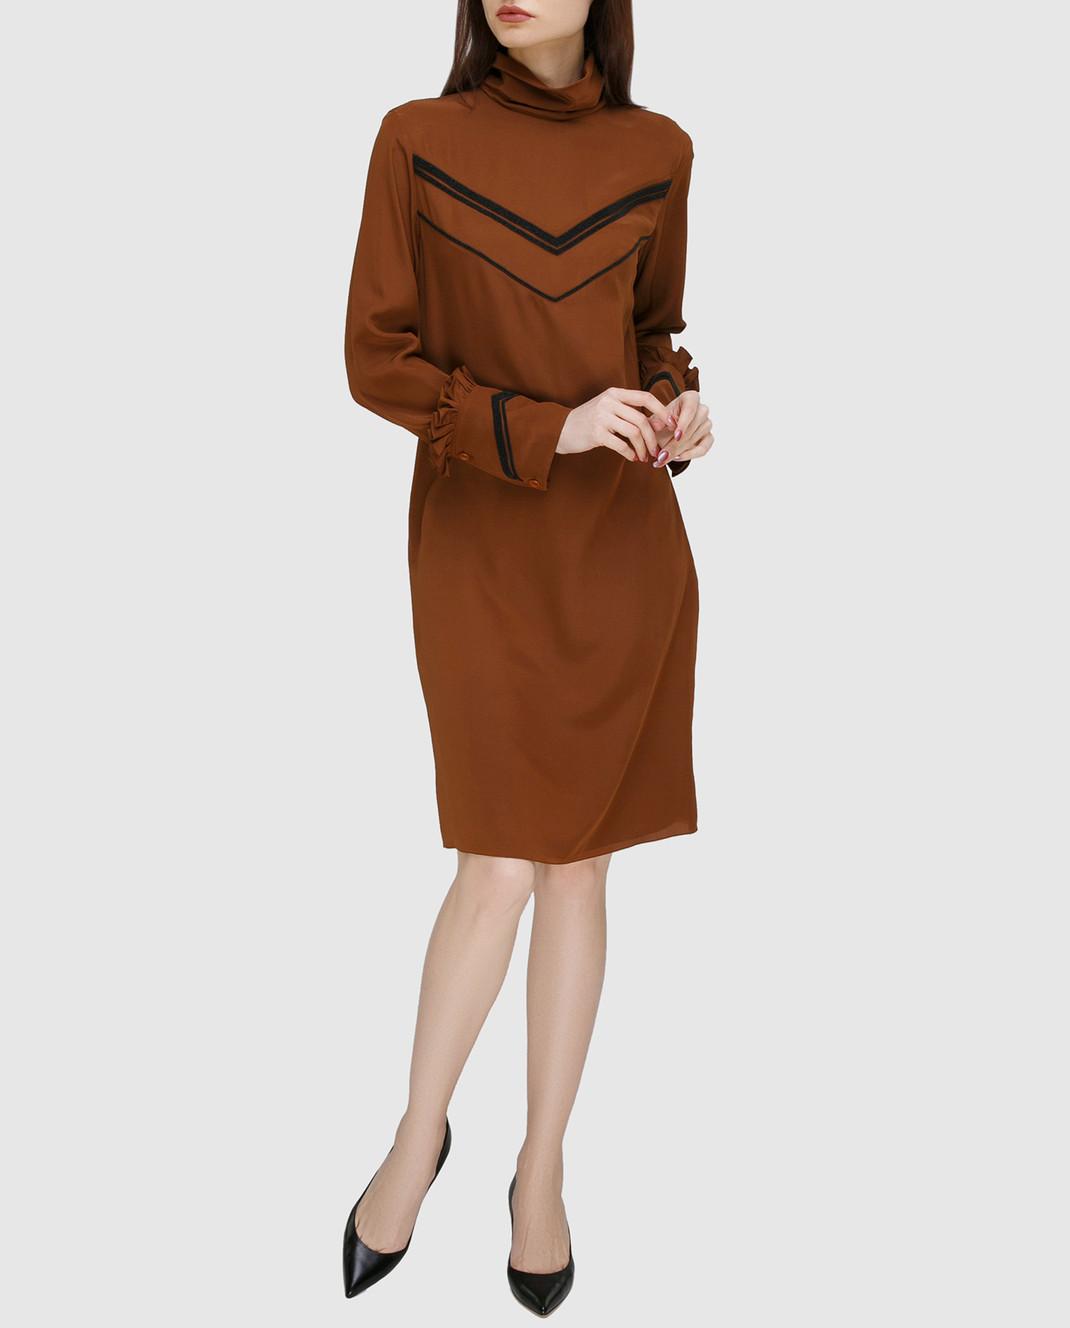 NINA RICCI Терракотовое платье из шелка 17PCRO040SE0801 изображение 2